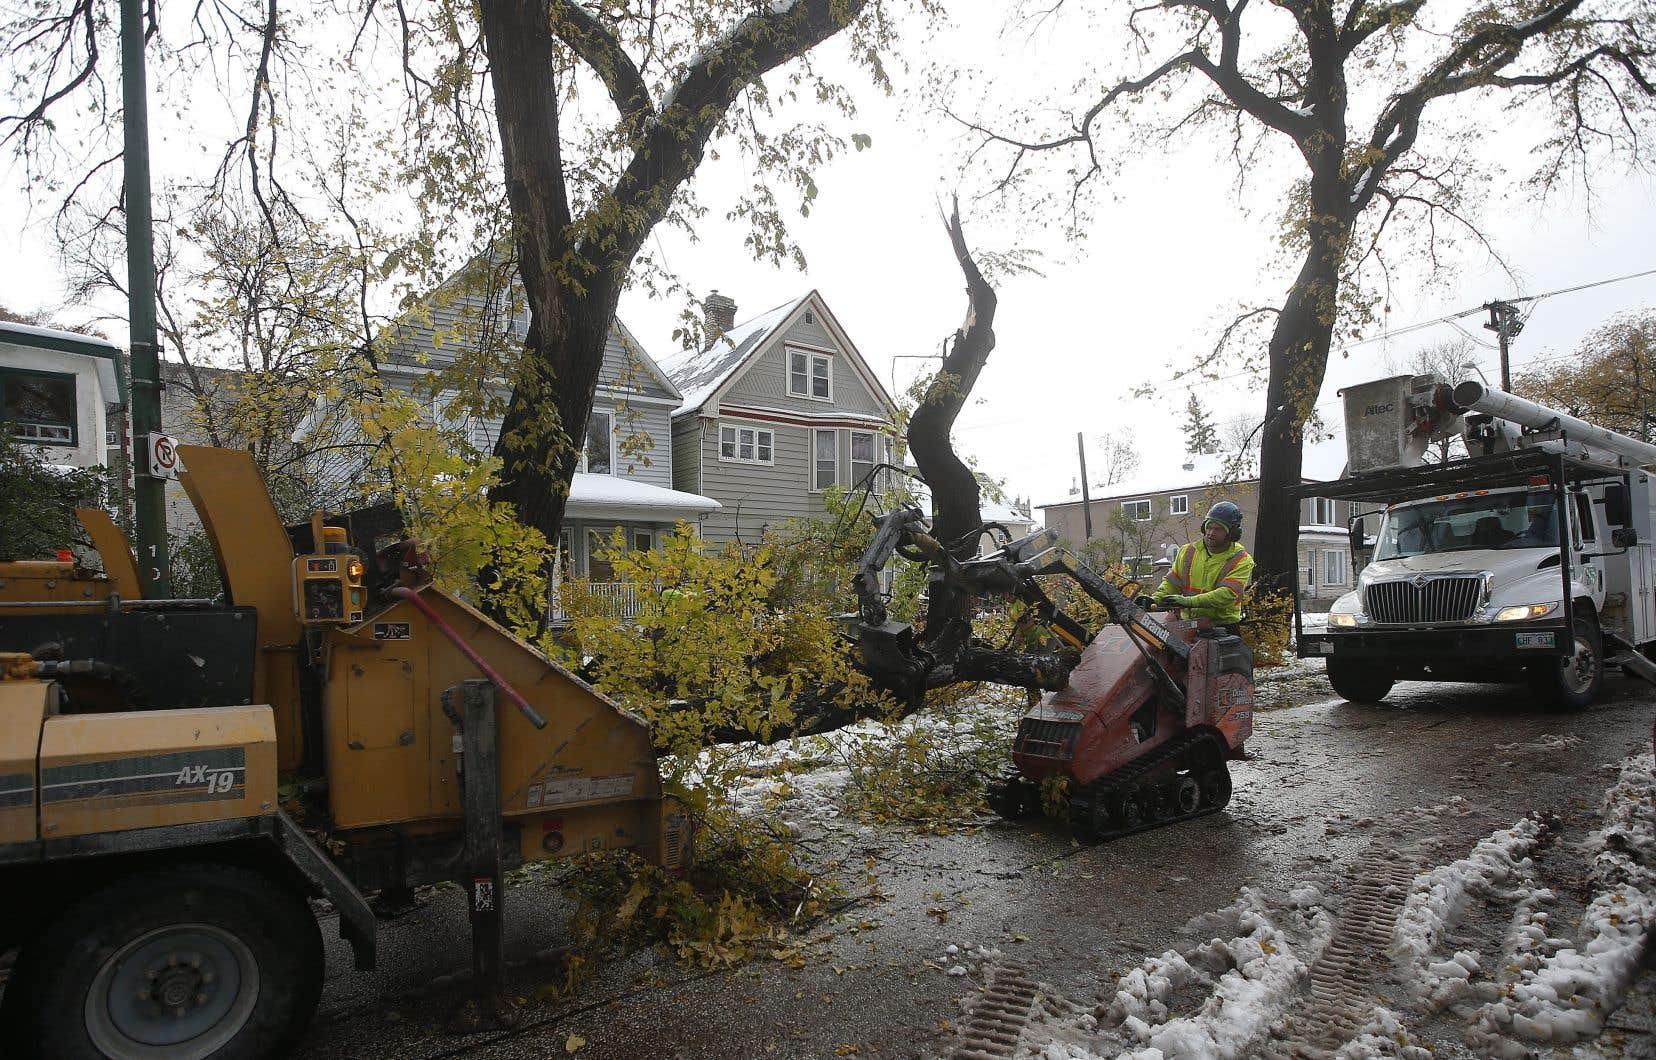 «Les effets de la tempête sont bien pires que ceux initialement prévus dans ces régions», a déclaré la directrice générale de Hydro-Manitoba, Jay Grewal, dans un communiqué, dimanche, précisant que les réparations prendraient plusieurs jours.